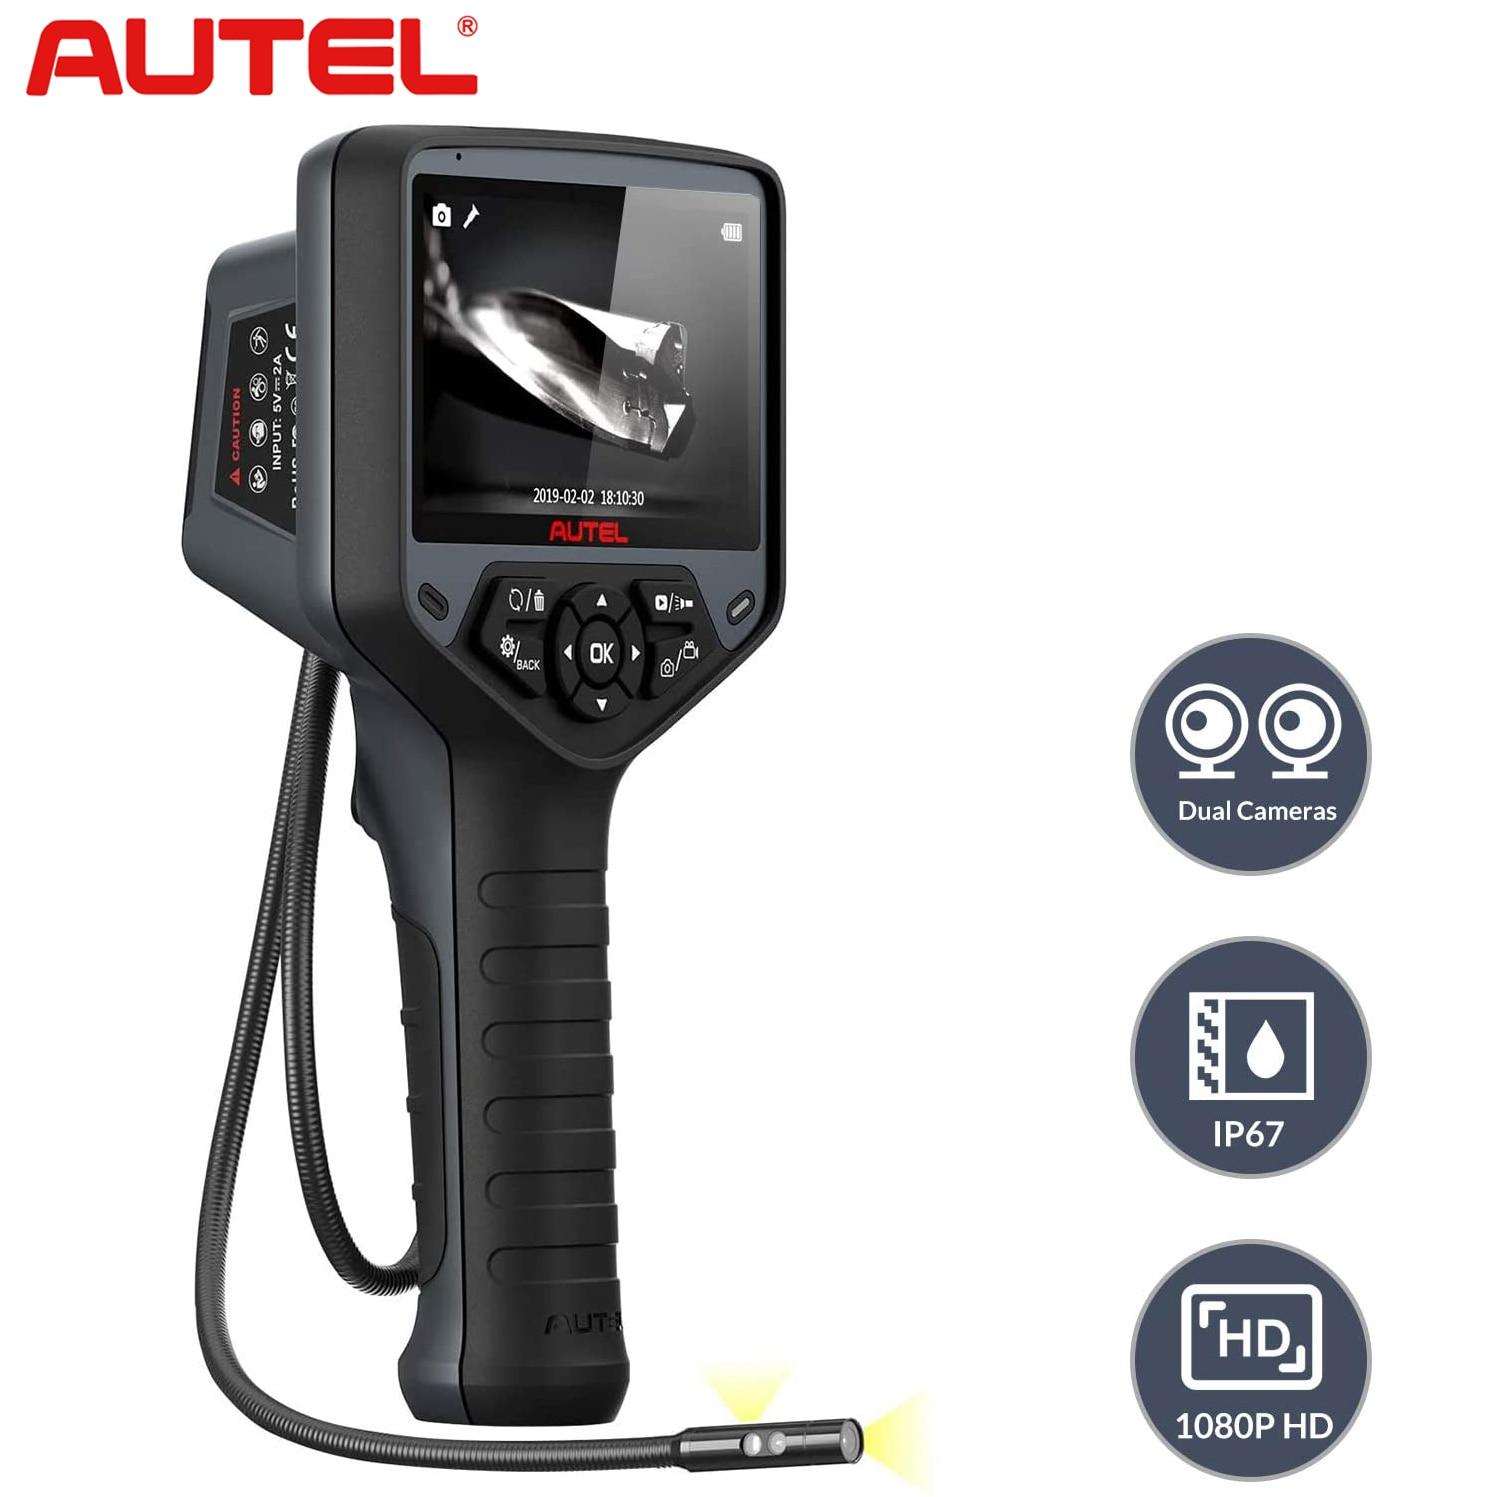 Autel MV480 الصناعية المنظار/Borescope ، عدسة مزدوجة 8.5 مللي متر التفتيش الكاميرا مع 7X التكبير ، 2MP ، كابل مقاوم للماء ، للسيارة/الجدار